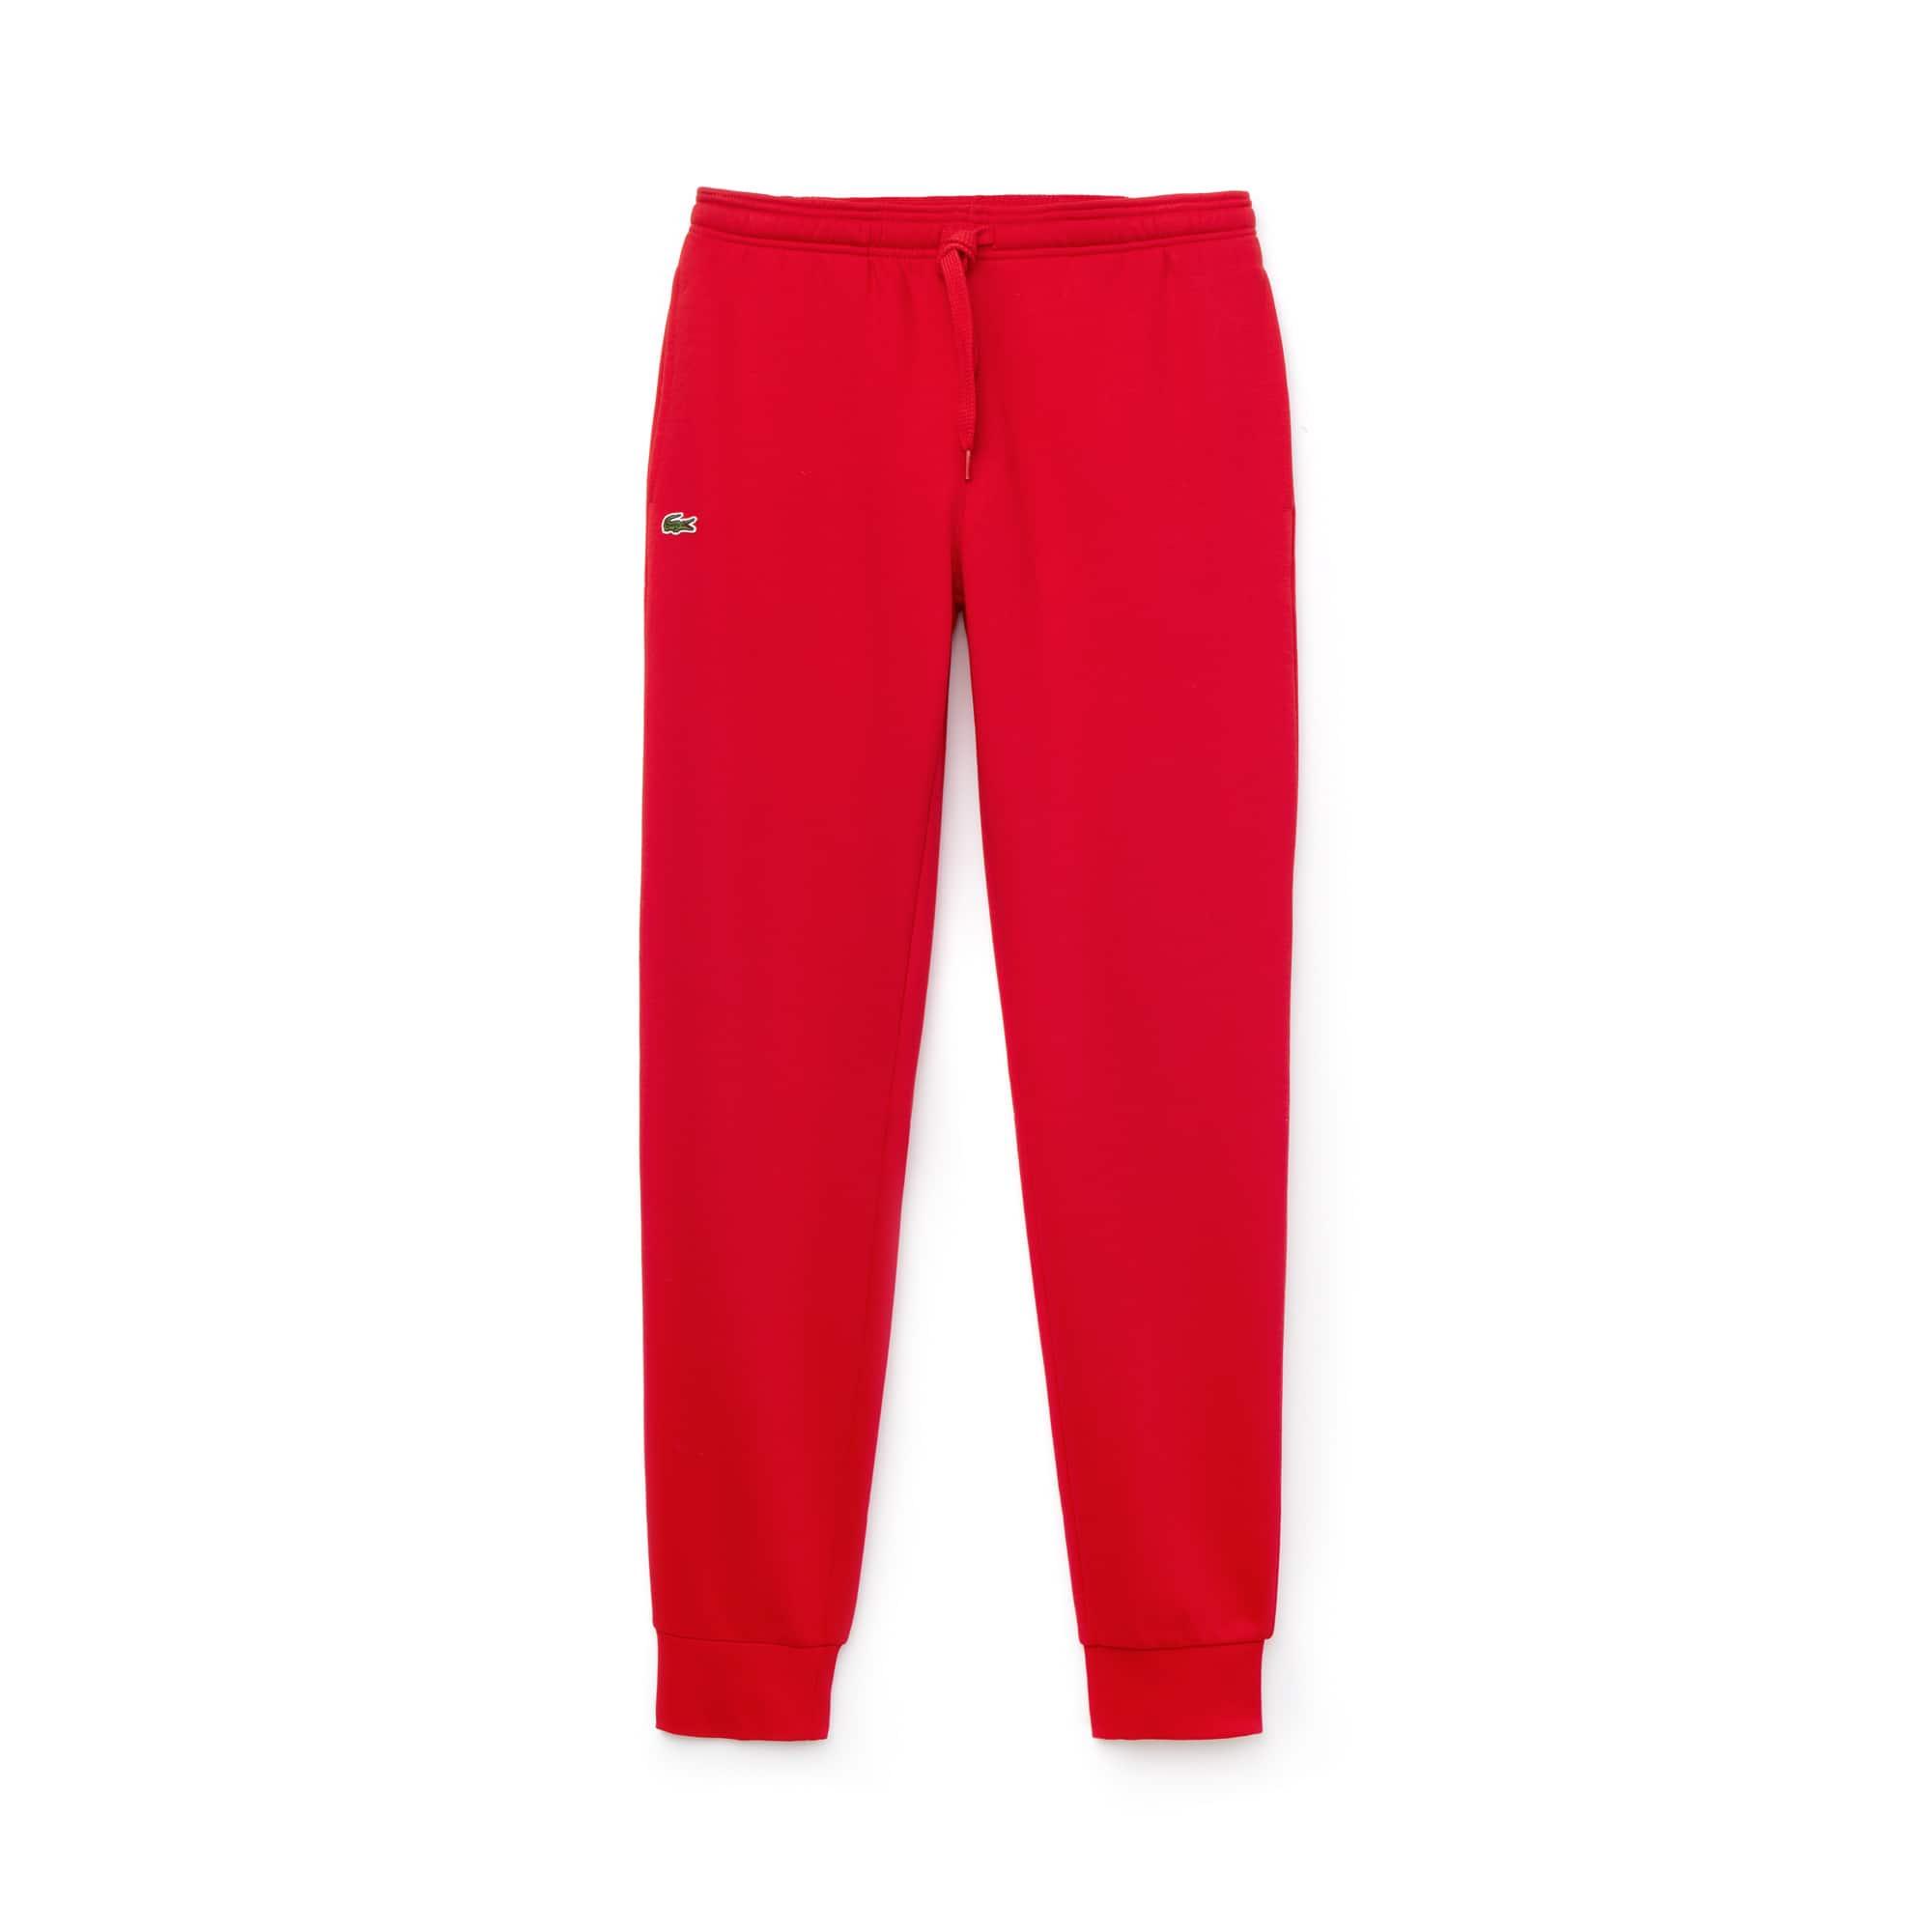 라코스테 스포츠 스웻 팬츠 Lacoste Mens SPORT Cotton Fleece Tennis Sweatpants,red